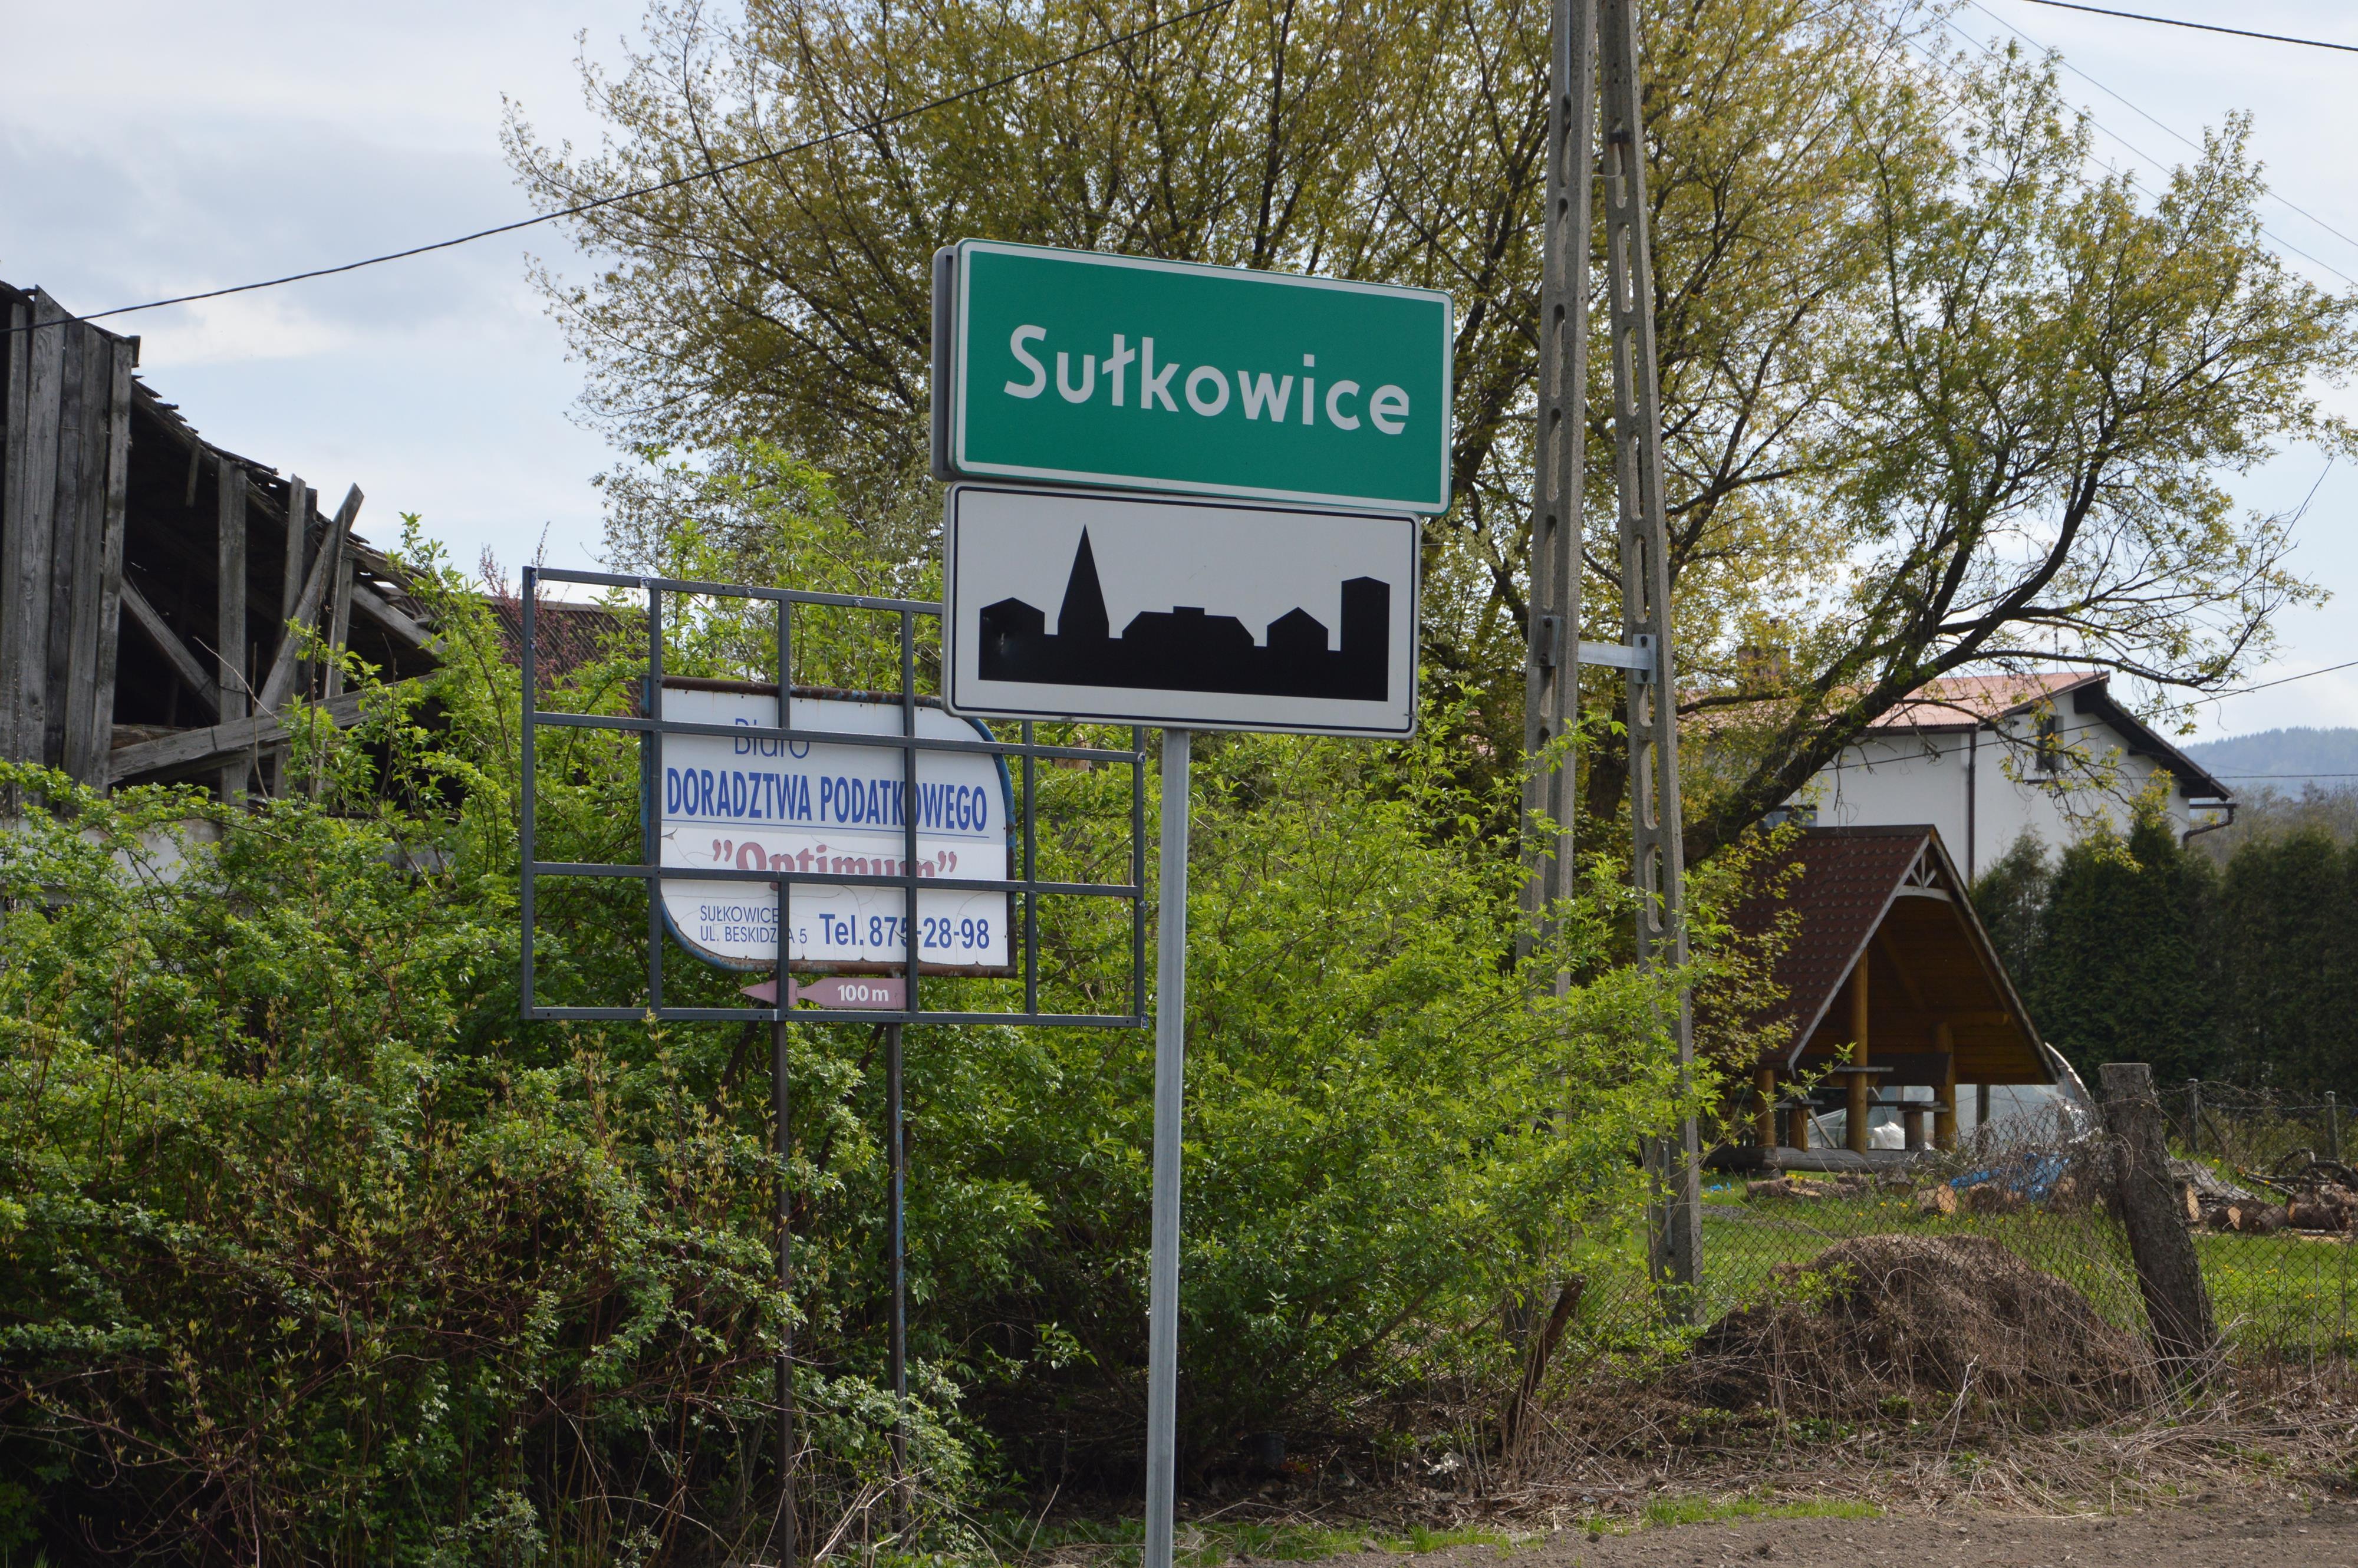 Nie będzie nowych nazw ulic w Sułkowicach i Inwałdzie